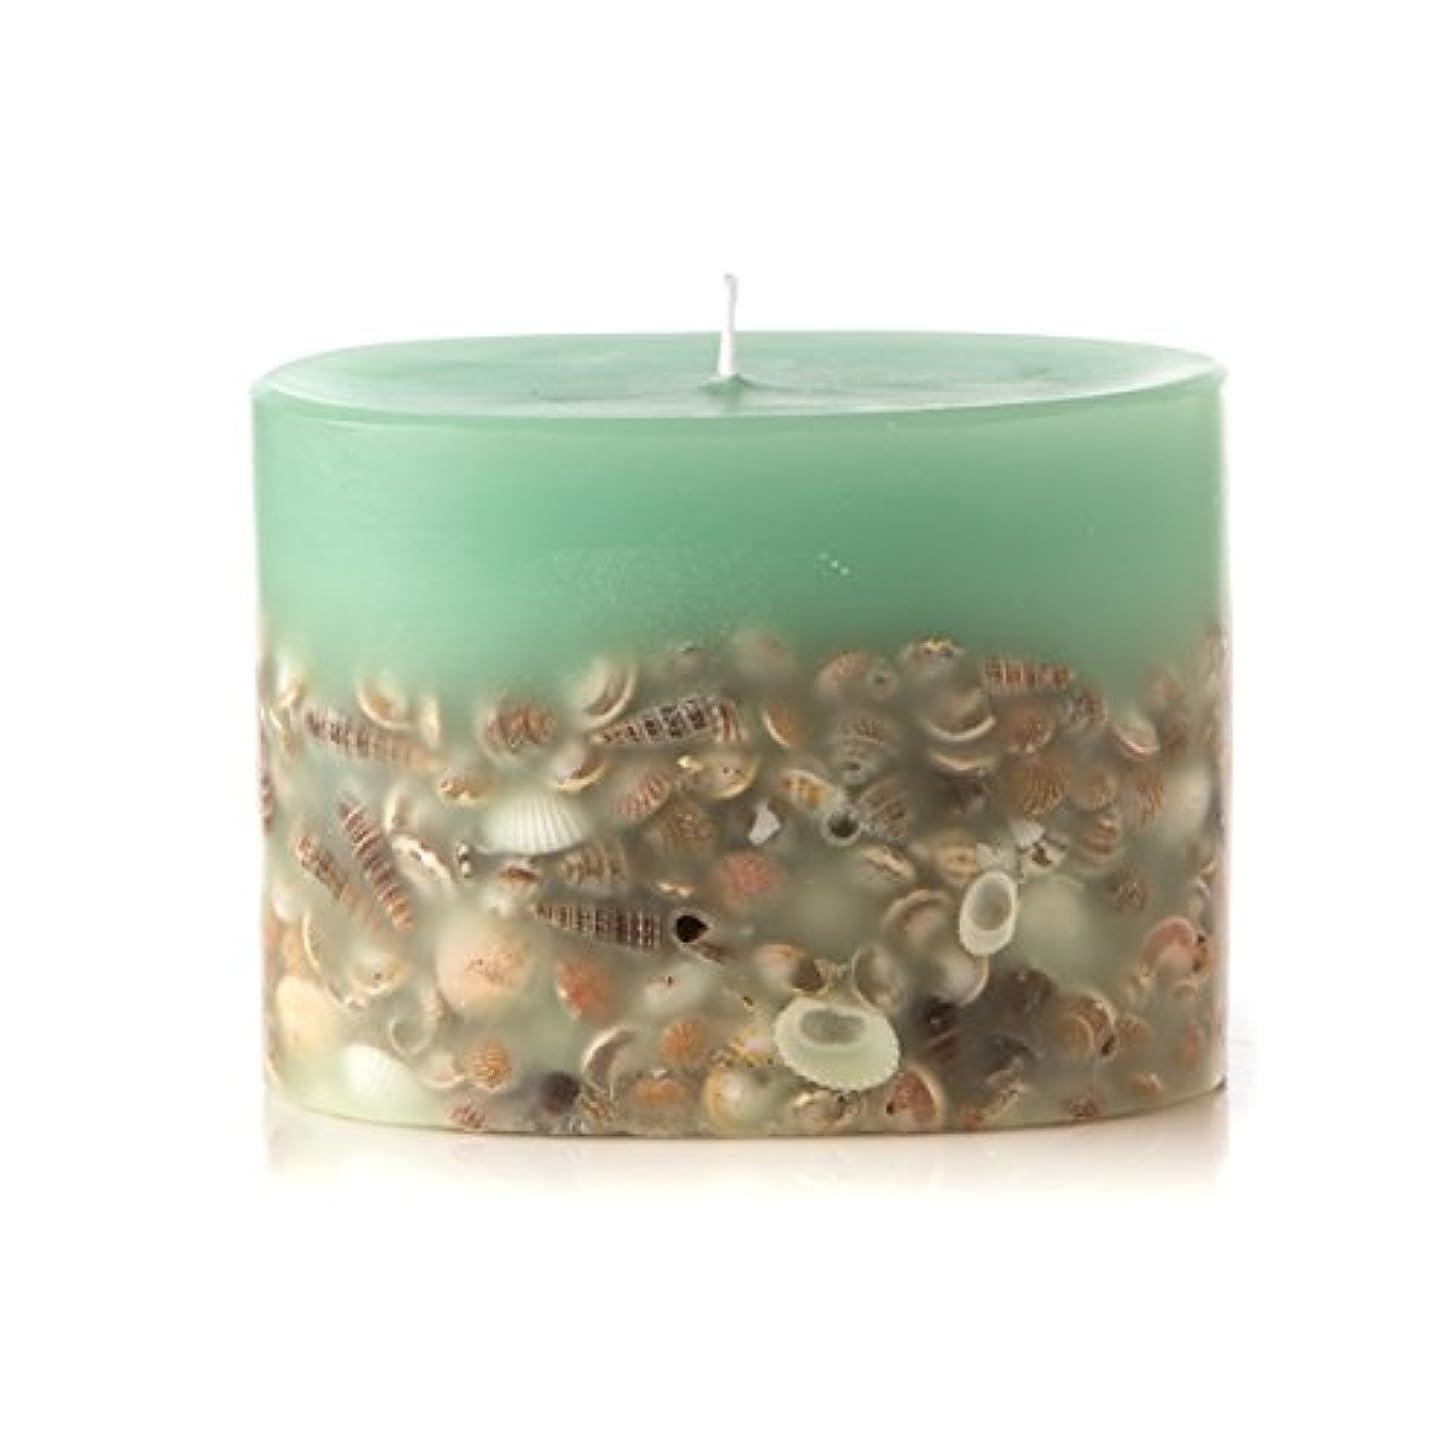 異邦人外国人平和ロージーリングス プティボタニカルキャンドル シーグラス ROSY RINGS Petite Oval Botanical Candle Sea Glass